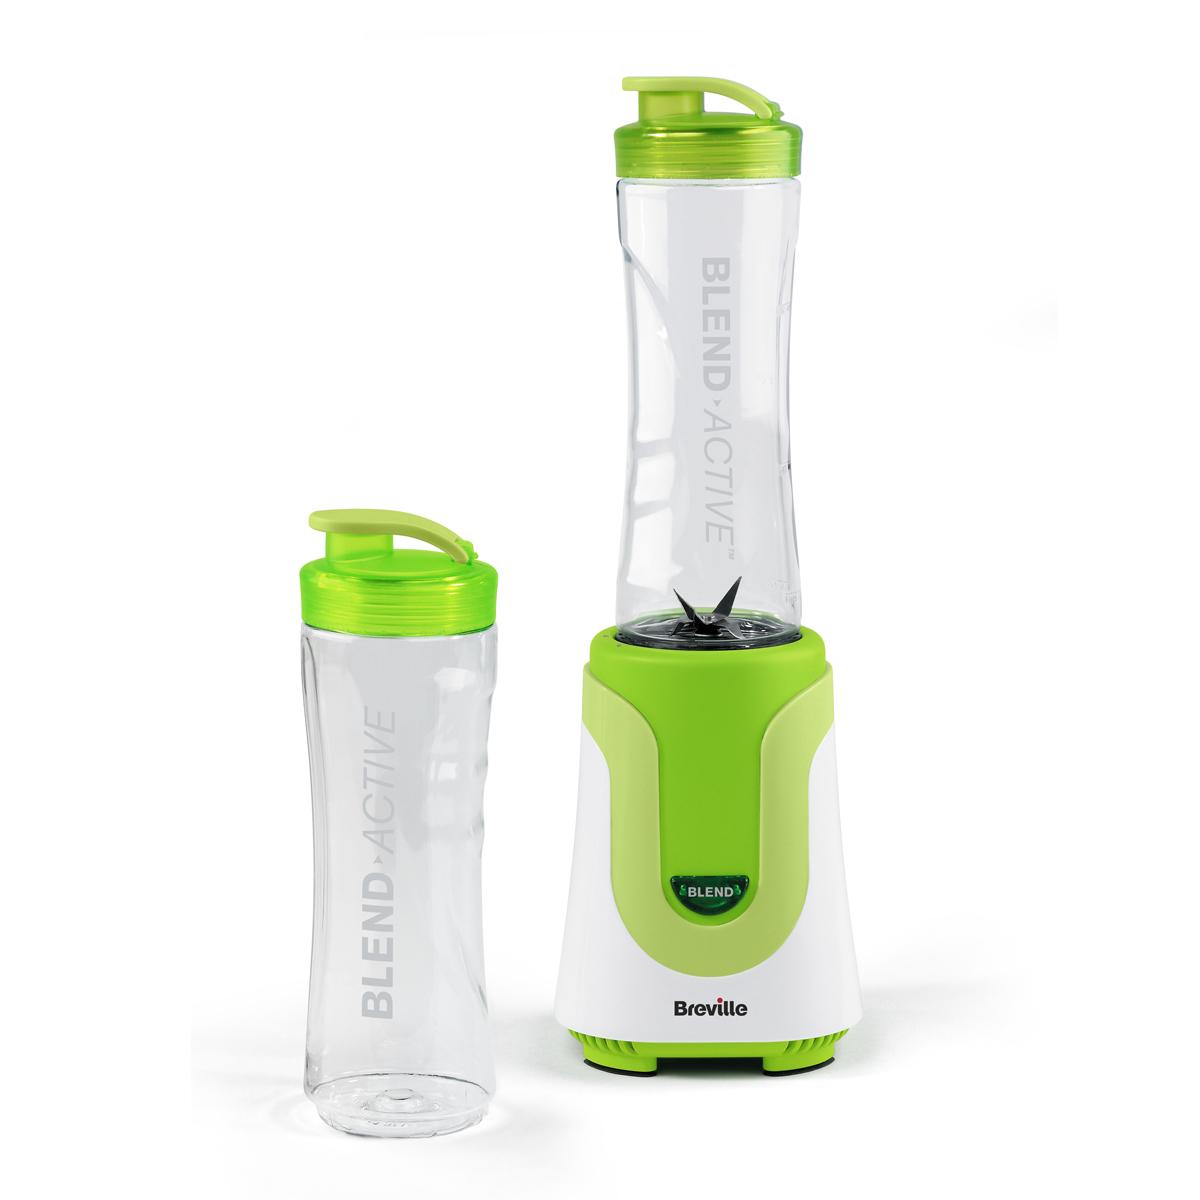 Blend Active Personal Blender Vbl062 1 Bottle Green